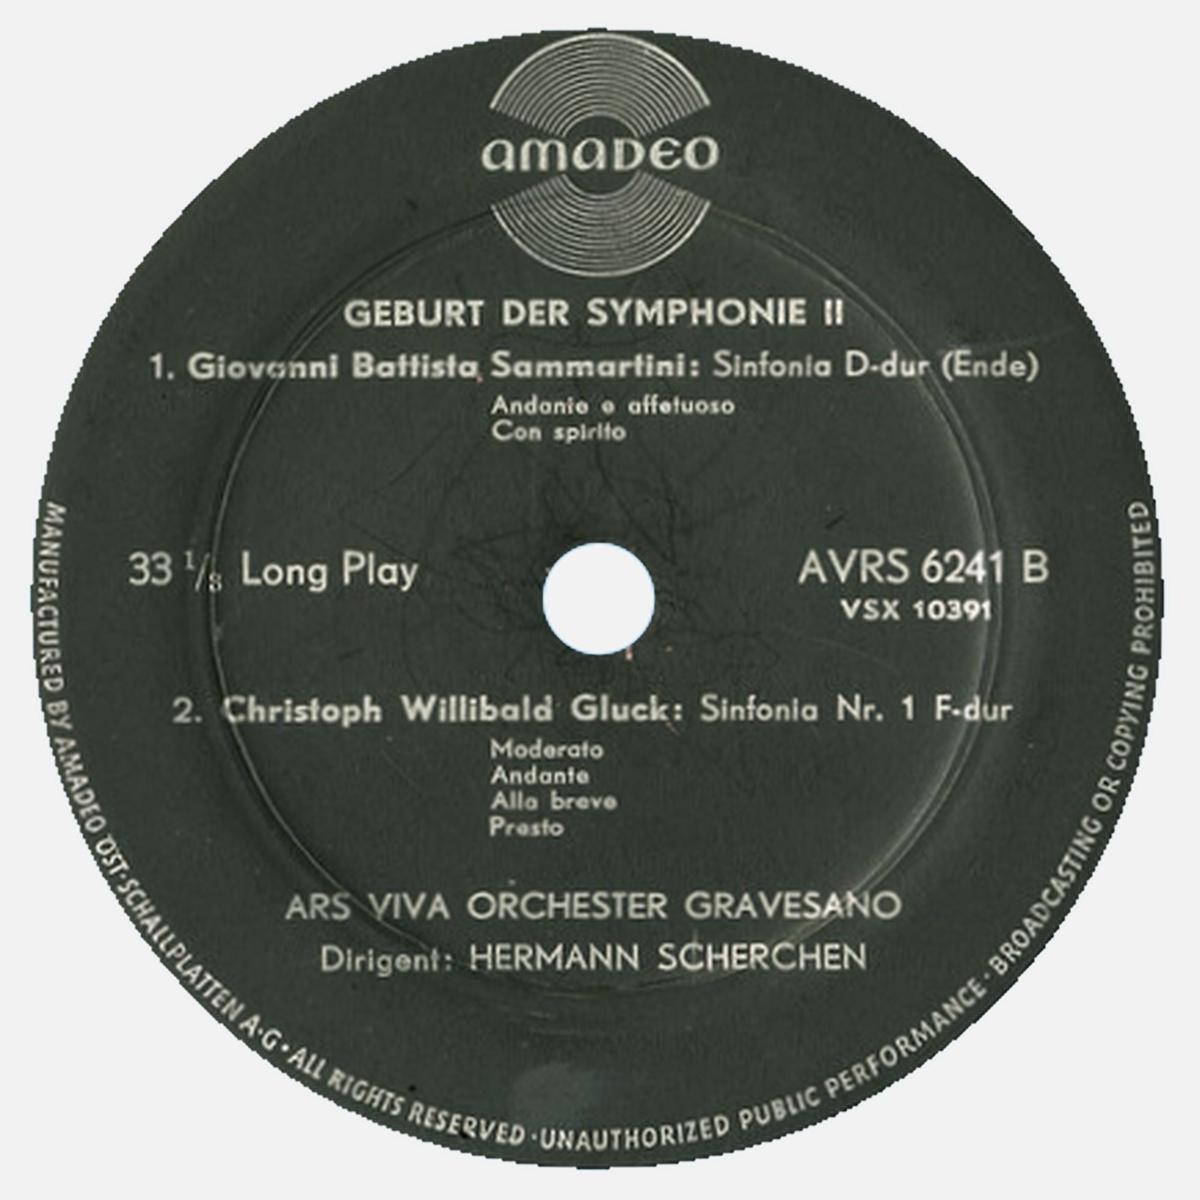 Étiquette verso du disque Amadeo AVRS 6241, 2e volume de «Geburt der Symphonie»